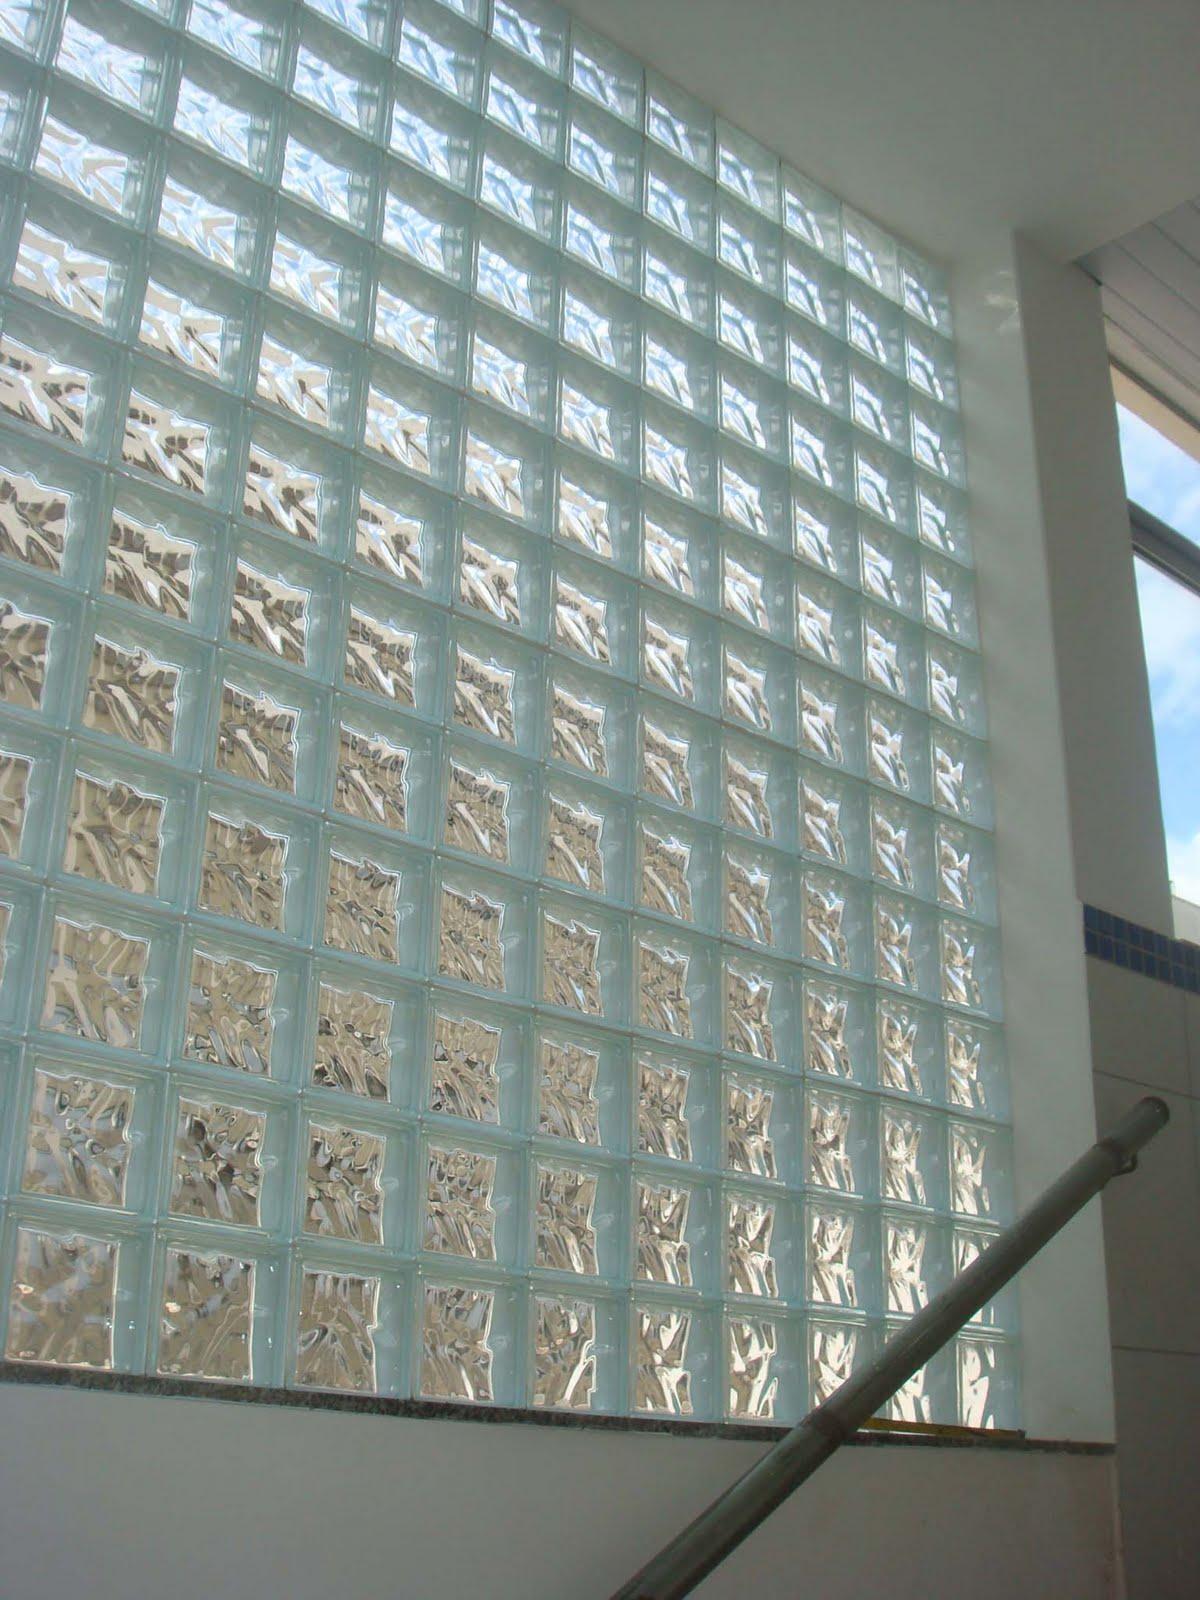 #536F78 Um painel de tijolo de vidro foi colocado na caixa da escada dando um  164 Janelas De Vidro Letra